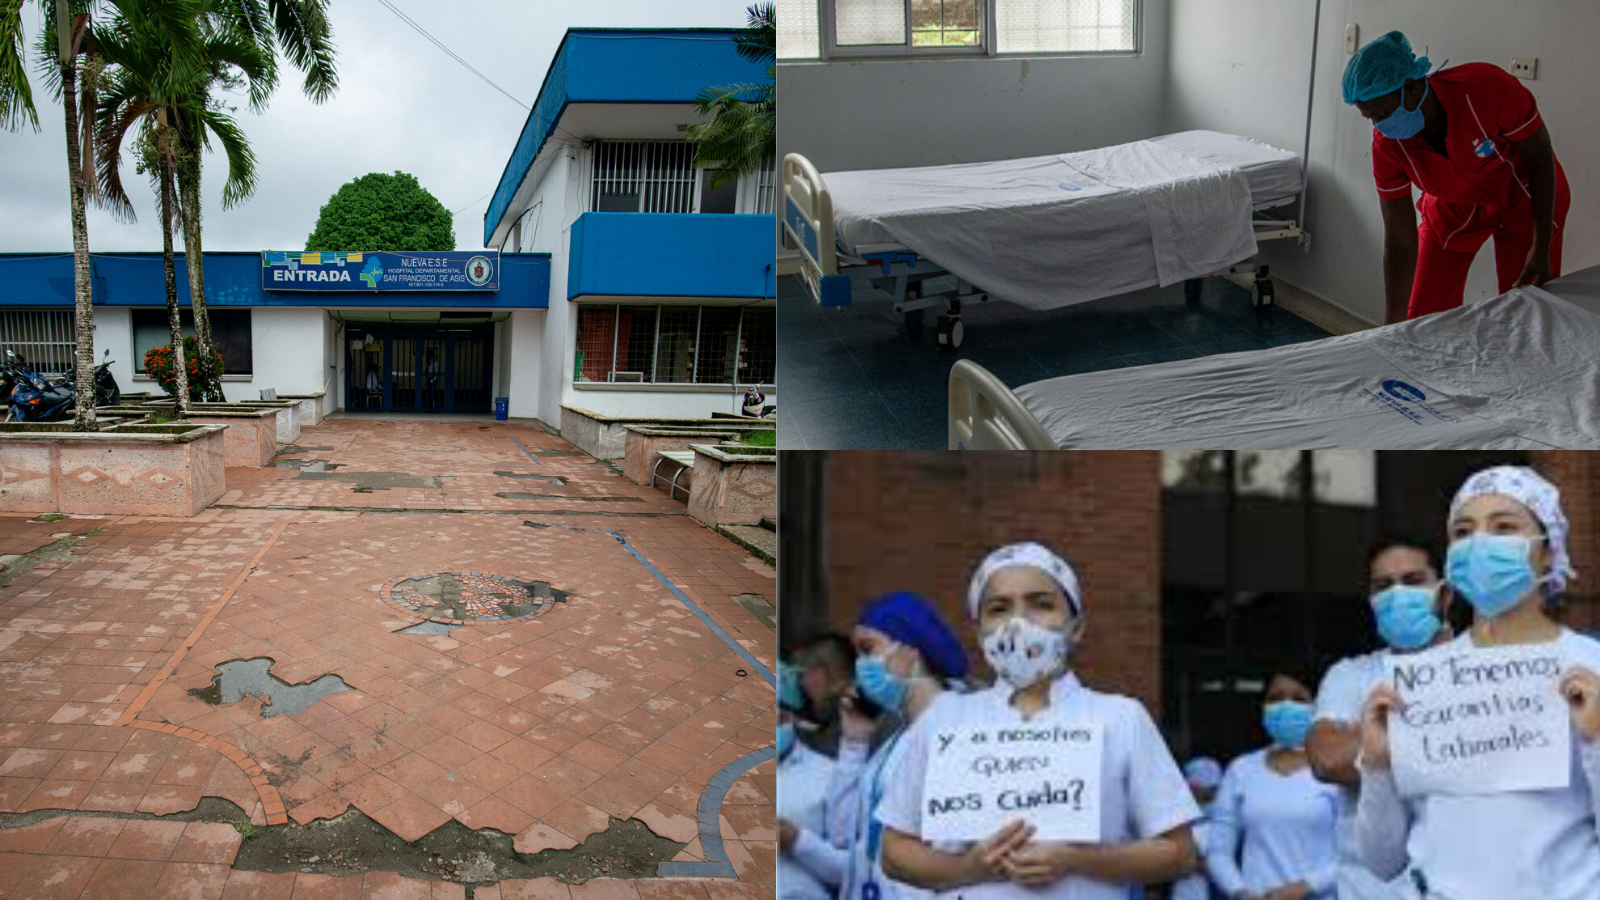 Protestas, renuncias y cese de actividades: la dura realidad de hospitales en varias regiones del país